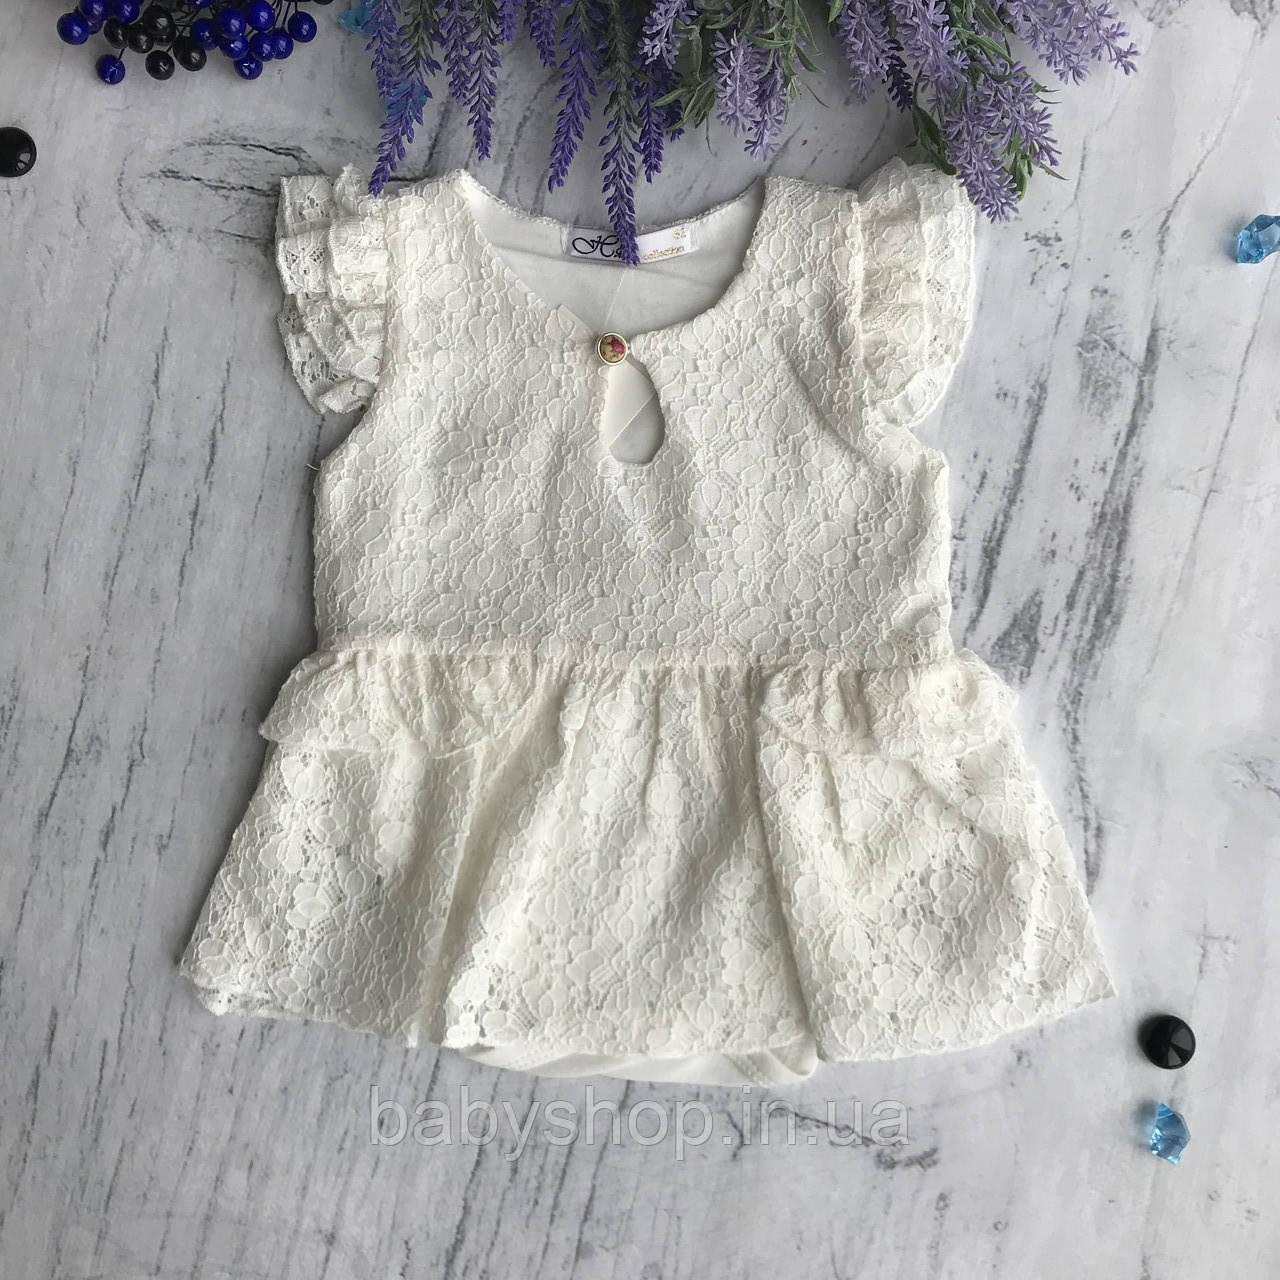 Летнее боди платье на девочку 1. Размеры 62 см, 68 см, 74 см